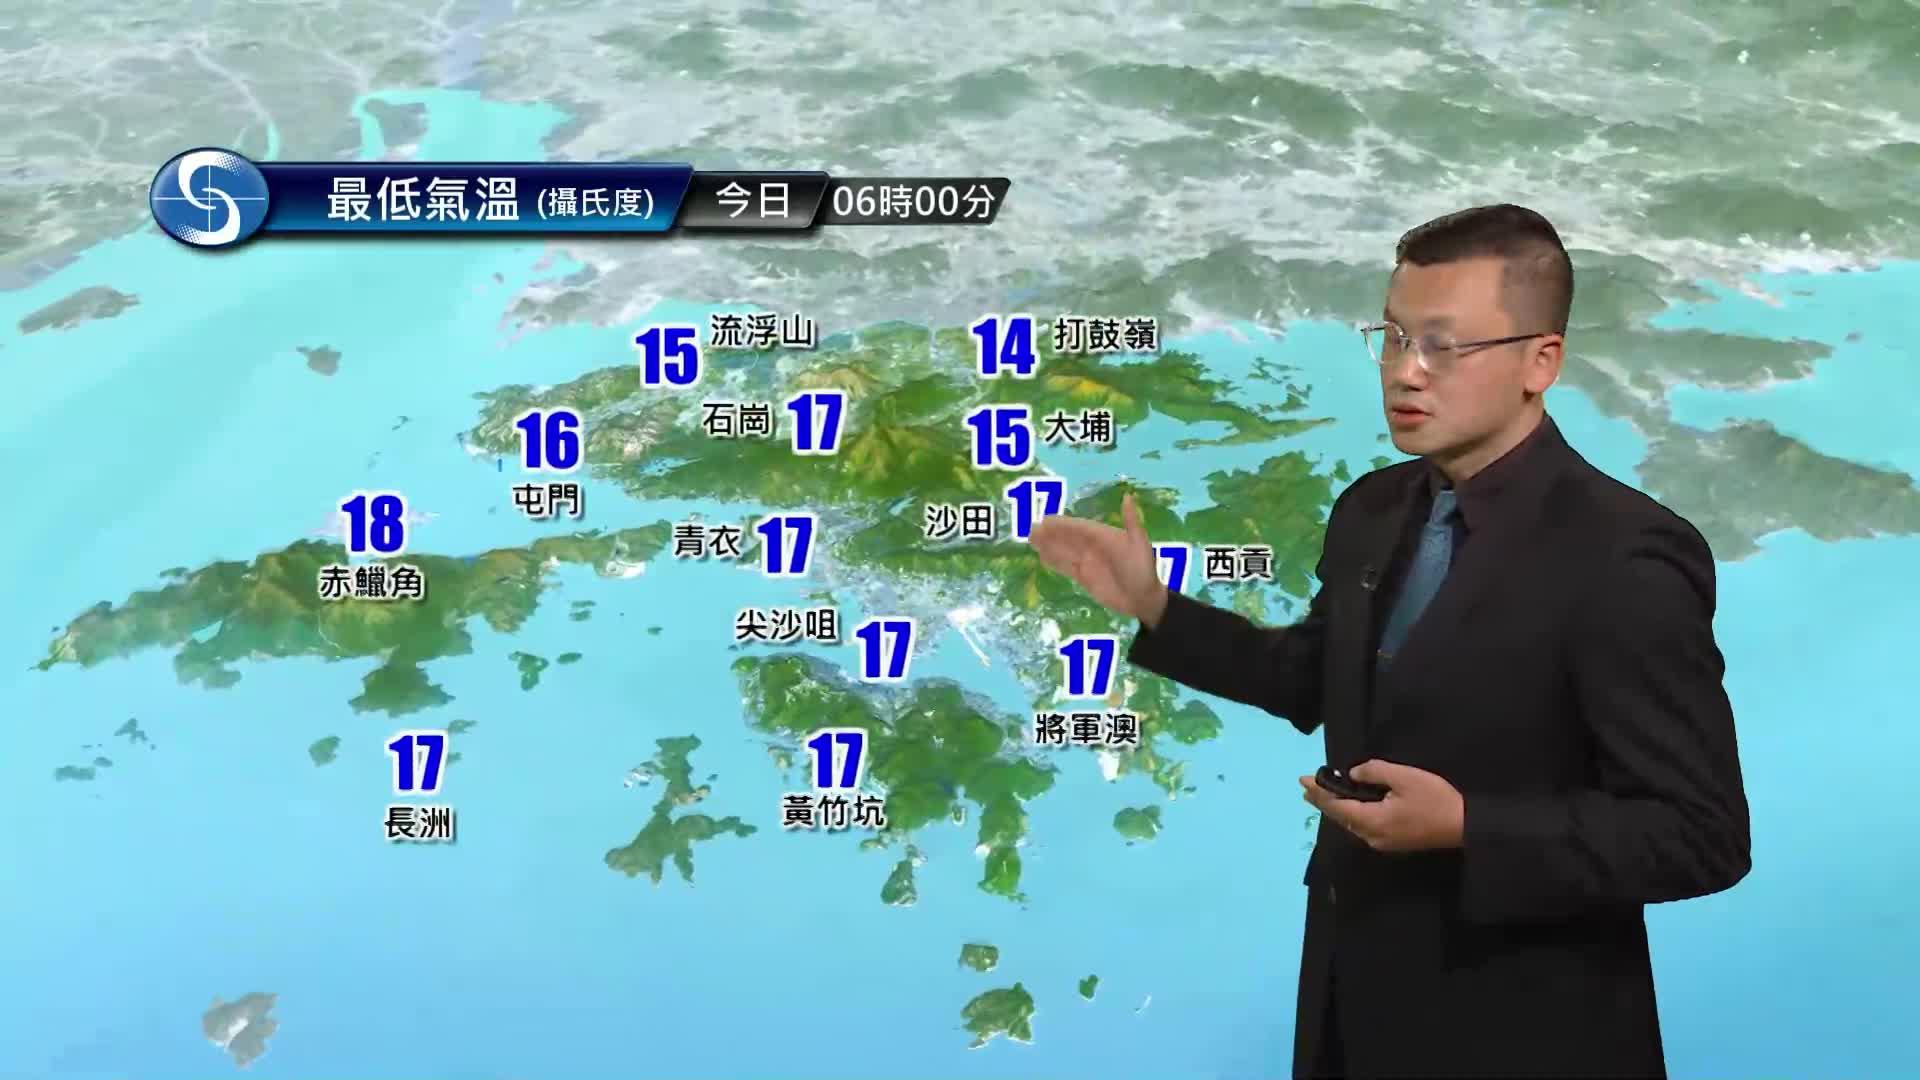 早晨天氣節目(01月25日上午7時) - 科學主任陳兆偉